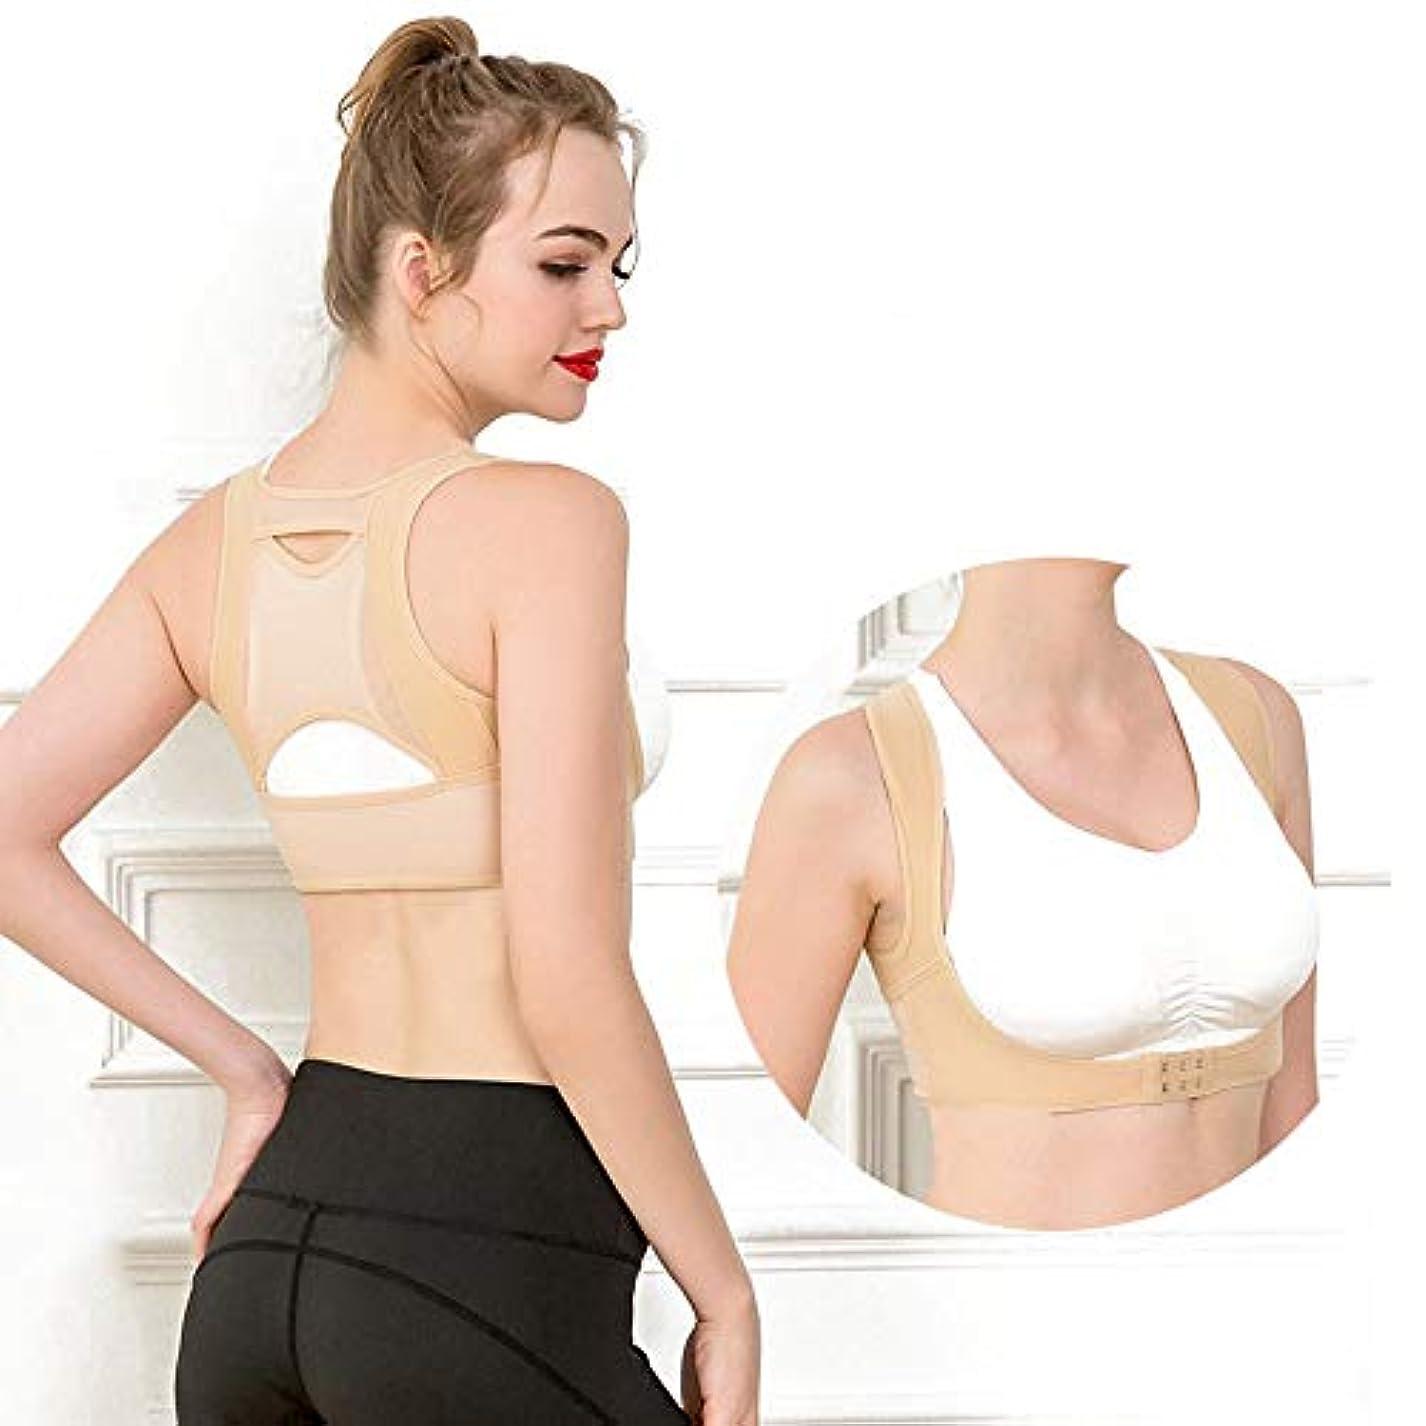 どこにでも非行唯一女性のための姿勢補正ブラジャー胸部胸部ベストトップスバックサポートベルトハングバックリリーフザトウクジラ補正バンドブレースアップショルダーストラップShapewear,S